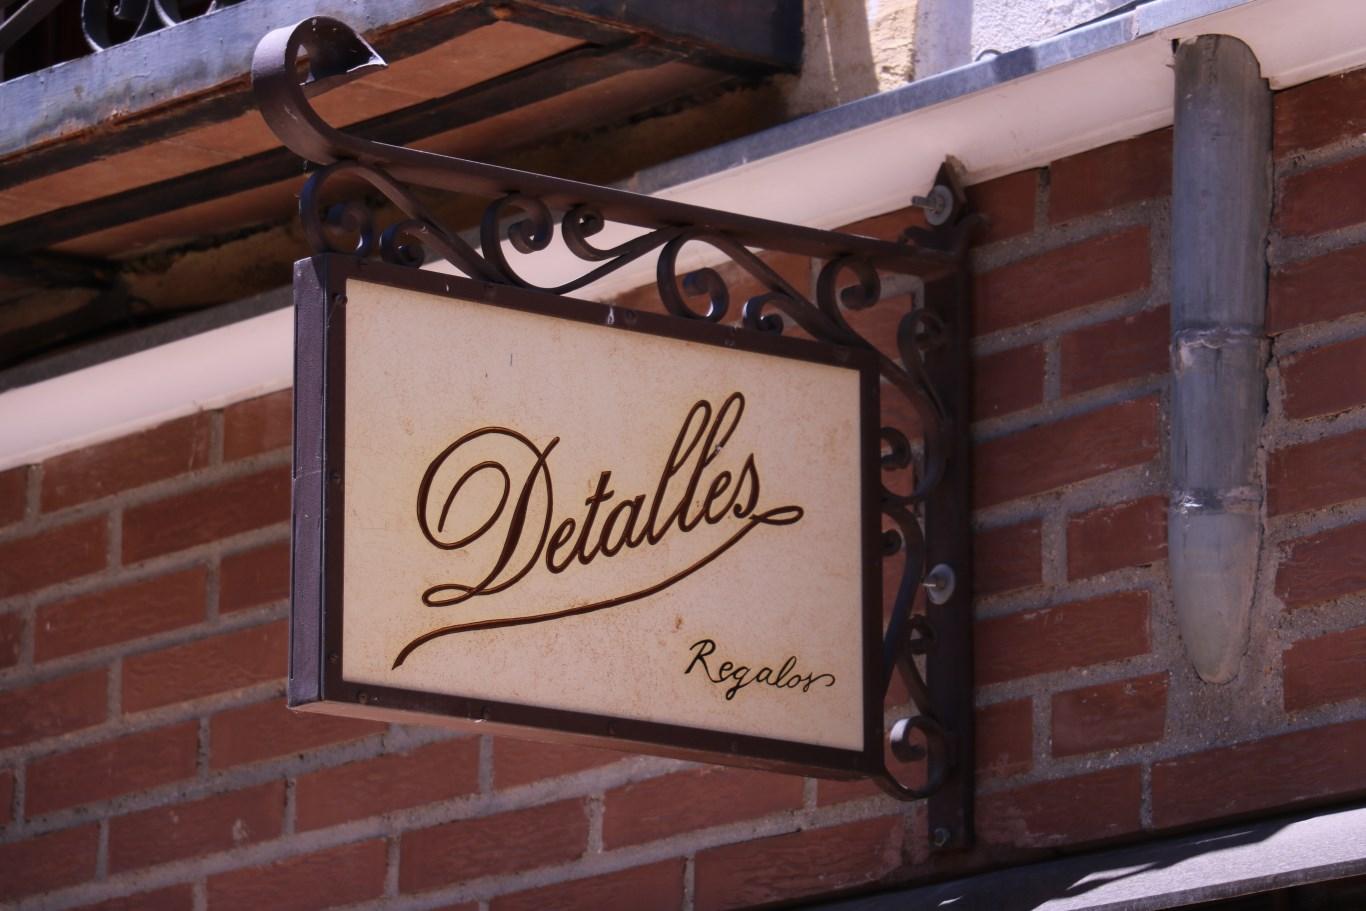 Reportaje sobre Detalles en Dream! Alcalá